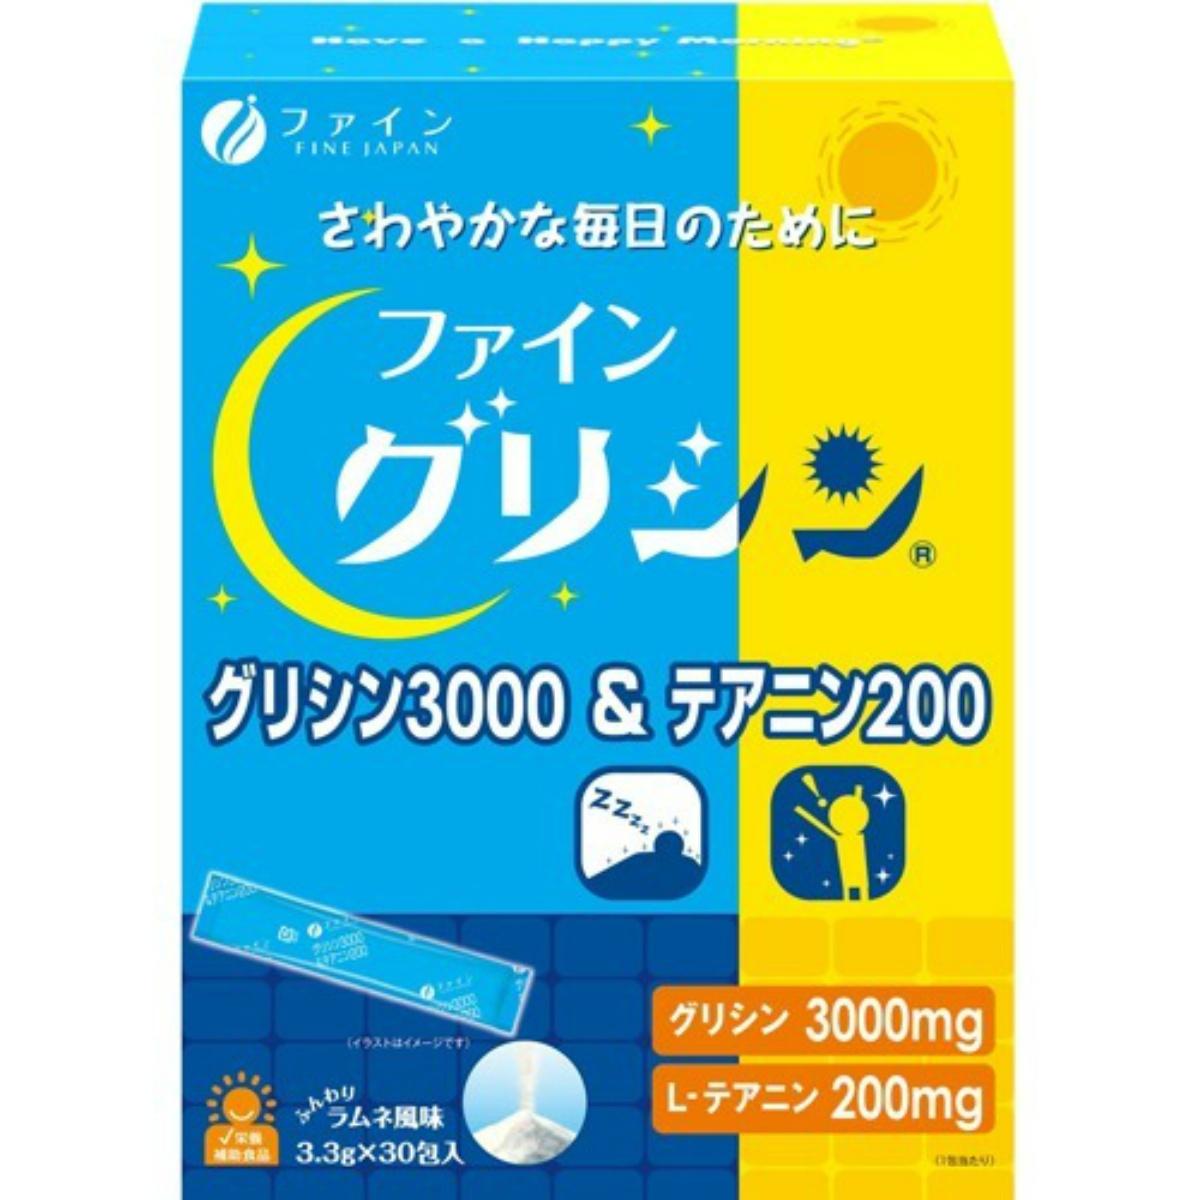 グリシン3000mg テアニン200mg配合し さわやかな毎日をサポートをします 4976652012134 配送おまかせ送料込 ファイン 特別セール品 人気 おすすめ グリシン3000 テアニンはお茶の旨味や甘味に関与するアミノ酸2種類配合 テアニン200 ラムネ風味 3.3g×30包入グリシンはゼラチンなどに多く含まれている甘みがあるアミノ酸で